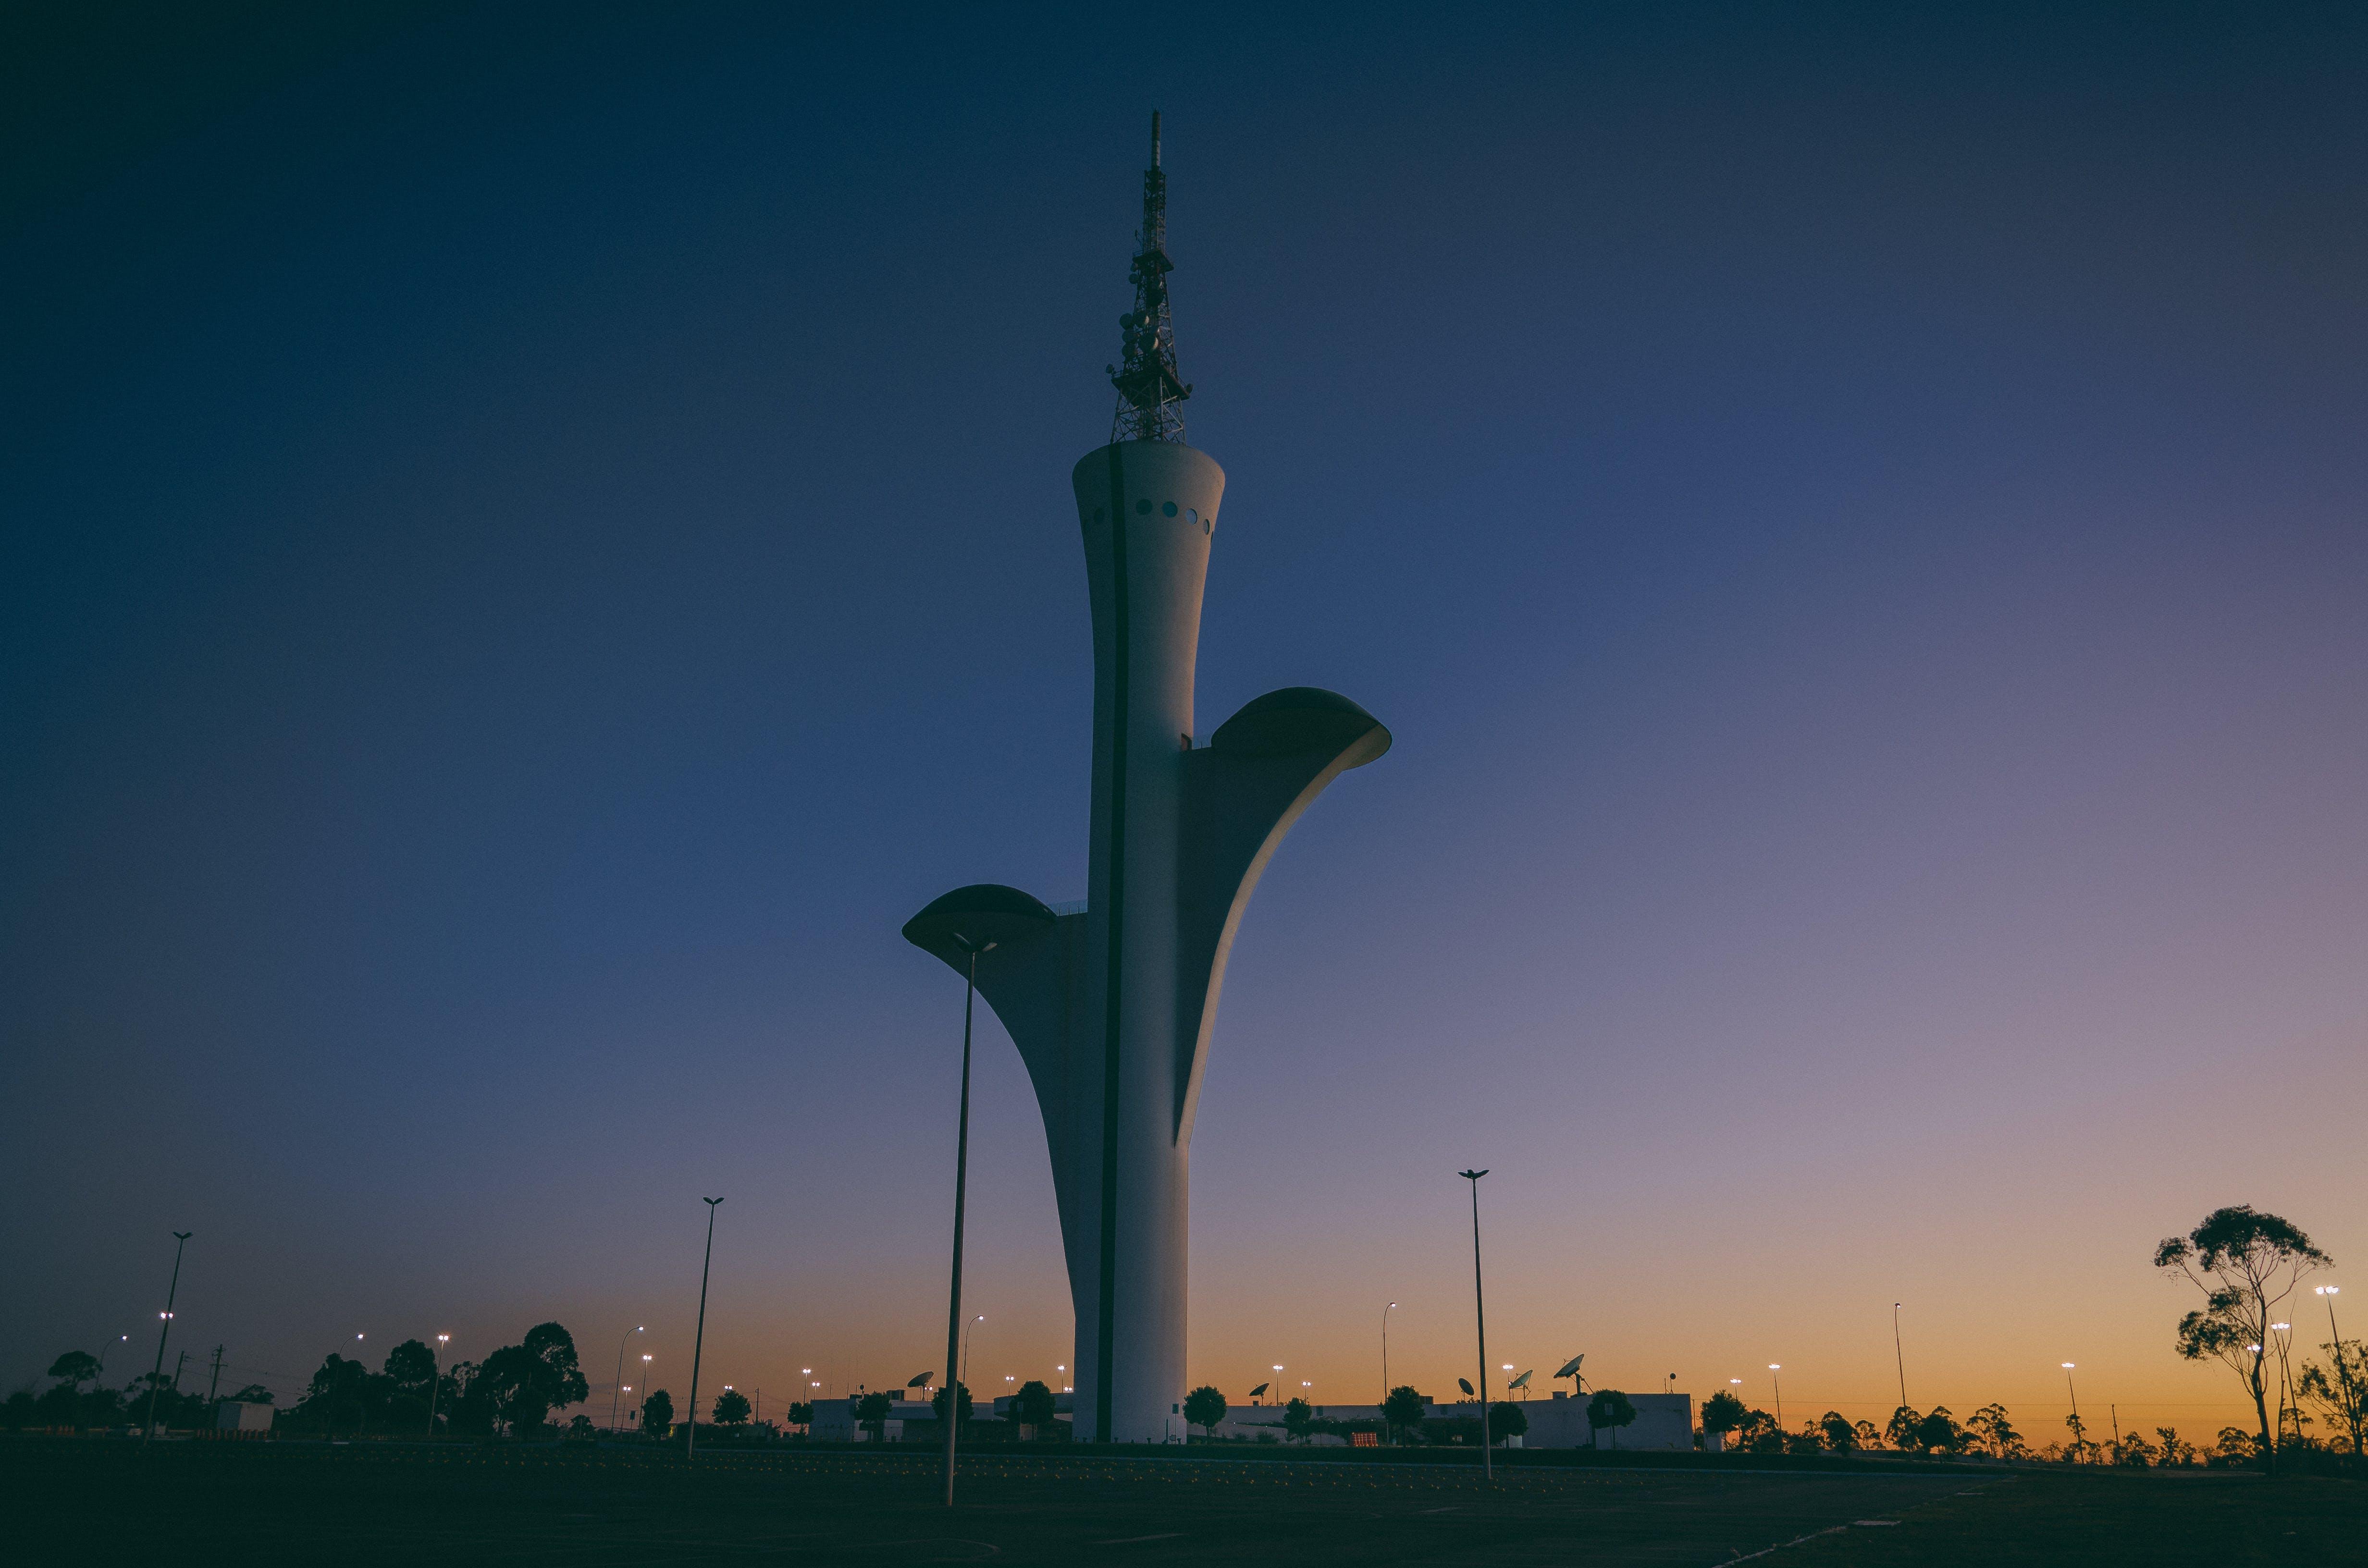 Immagine gratuita di antena, architettura, cielo, design architettonico